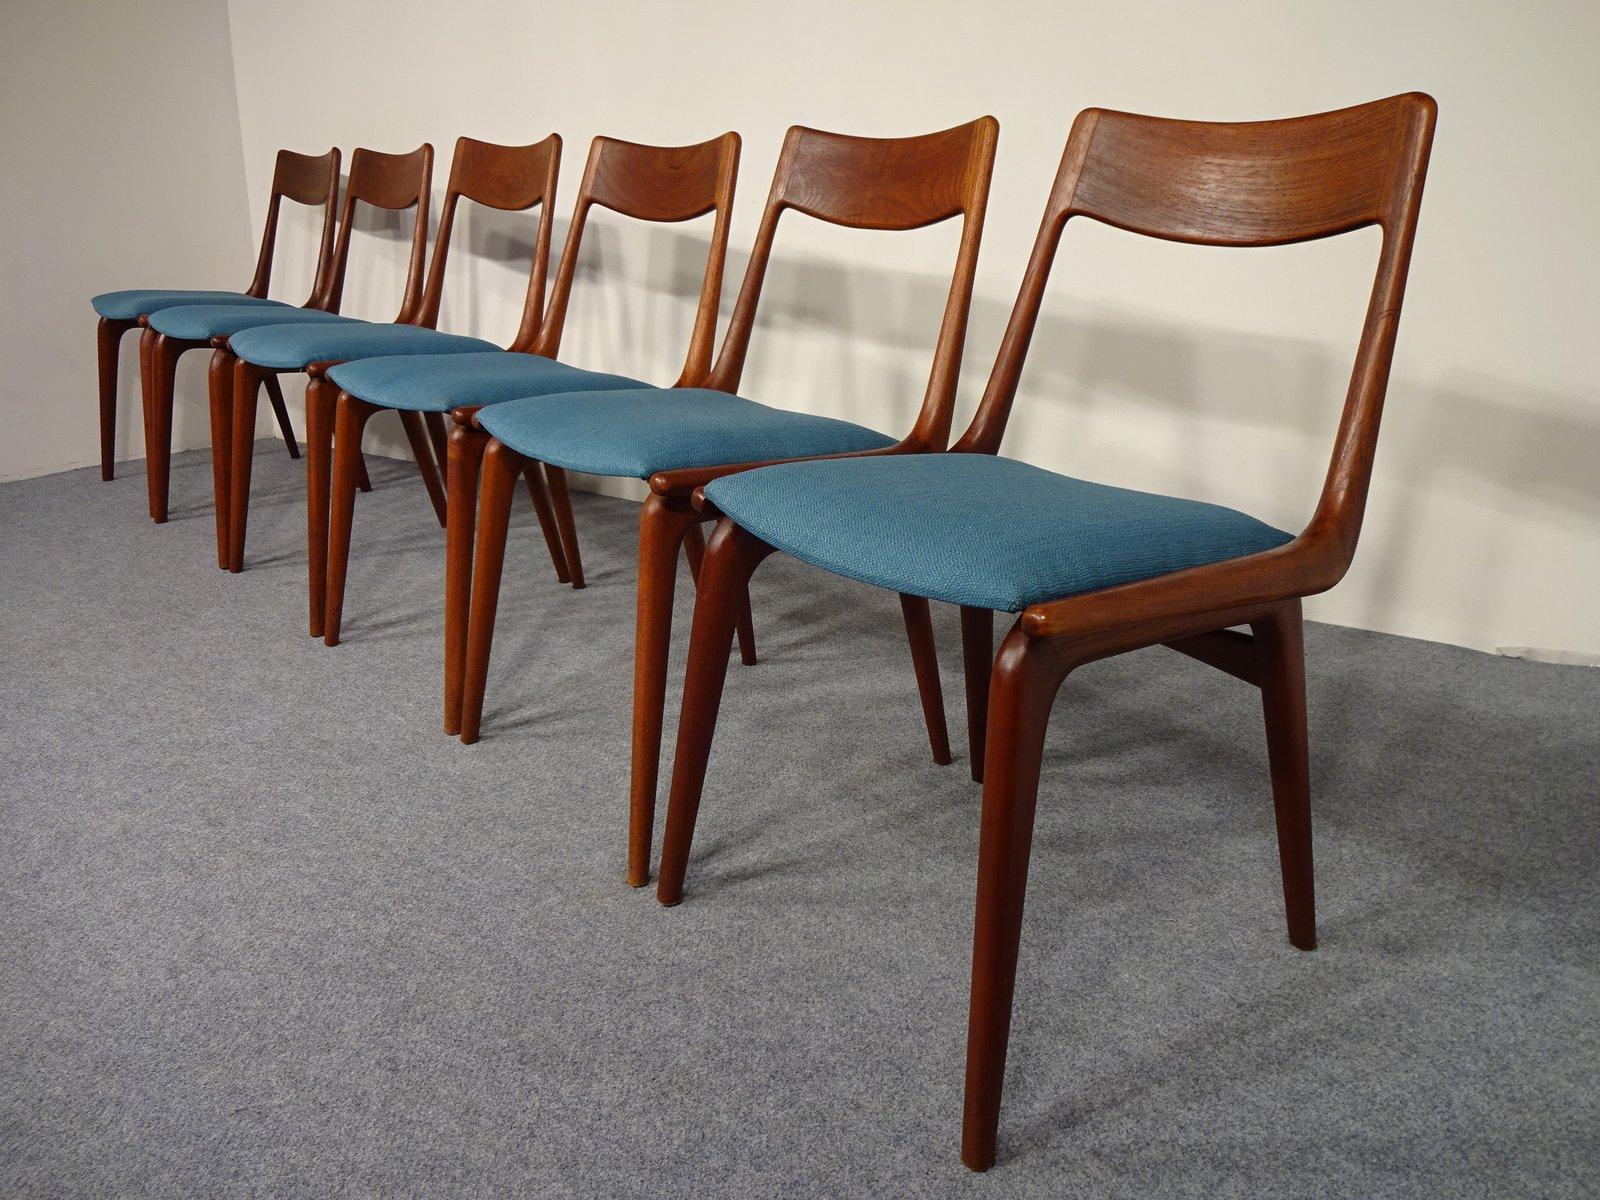 Charming Vintage Boomerang Dining Chairs By Alfred Christensen For Slagelse  Møbelværk, Set Of 6